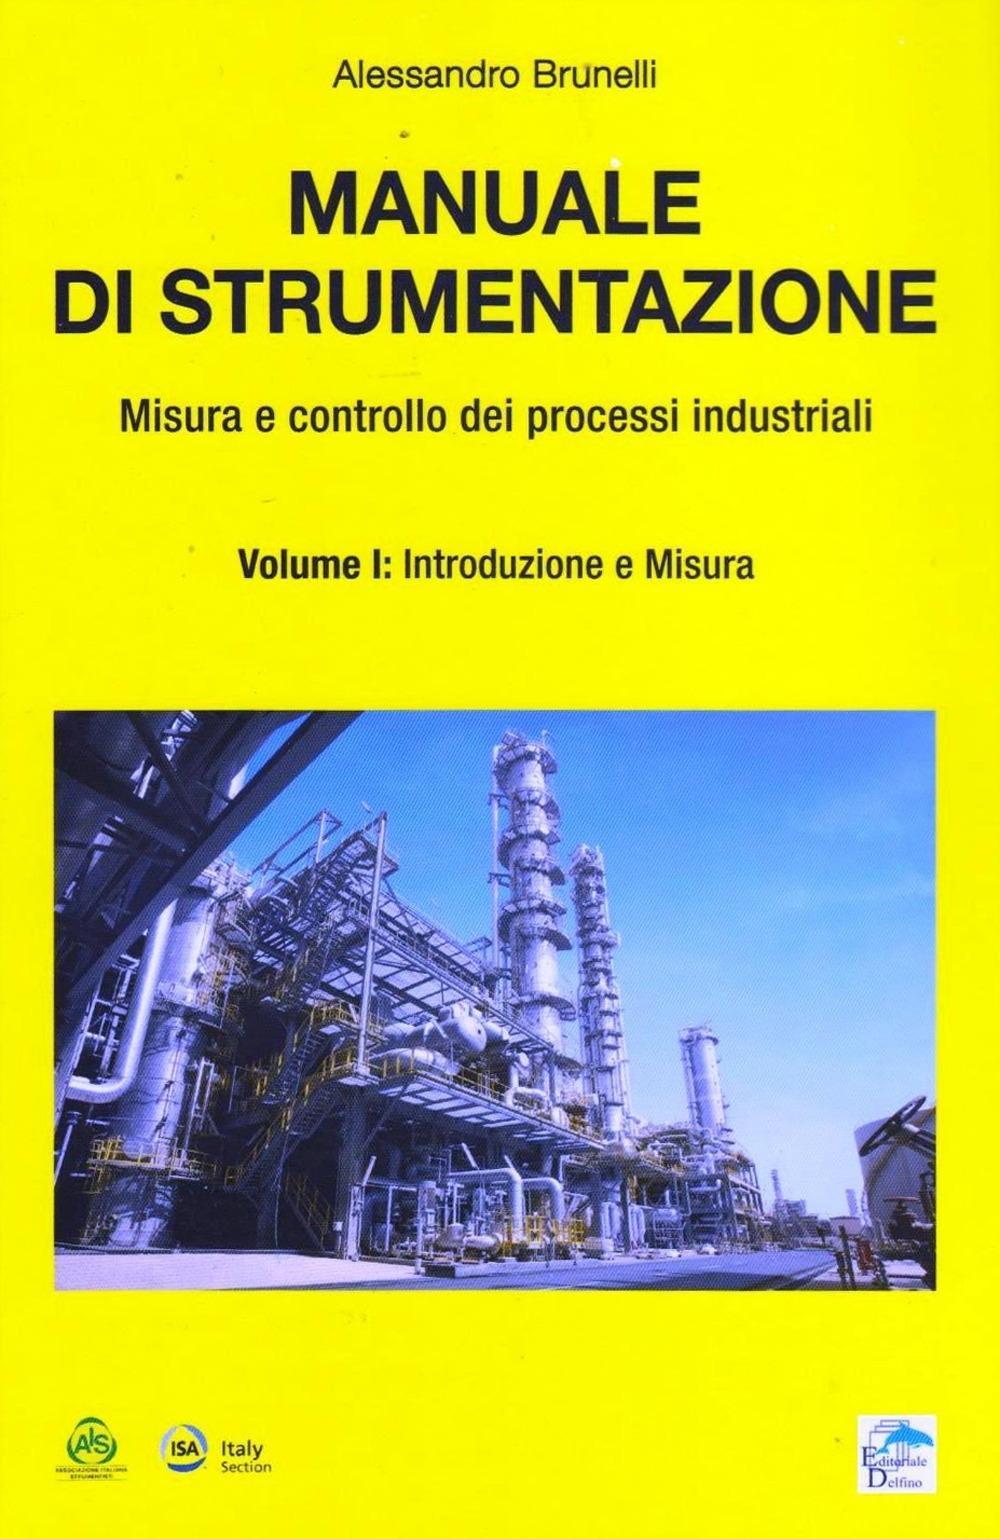 Manuale di strumentazione. Misura e controllo dei processi industriali. Vol 1